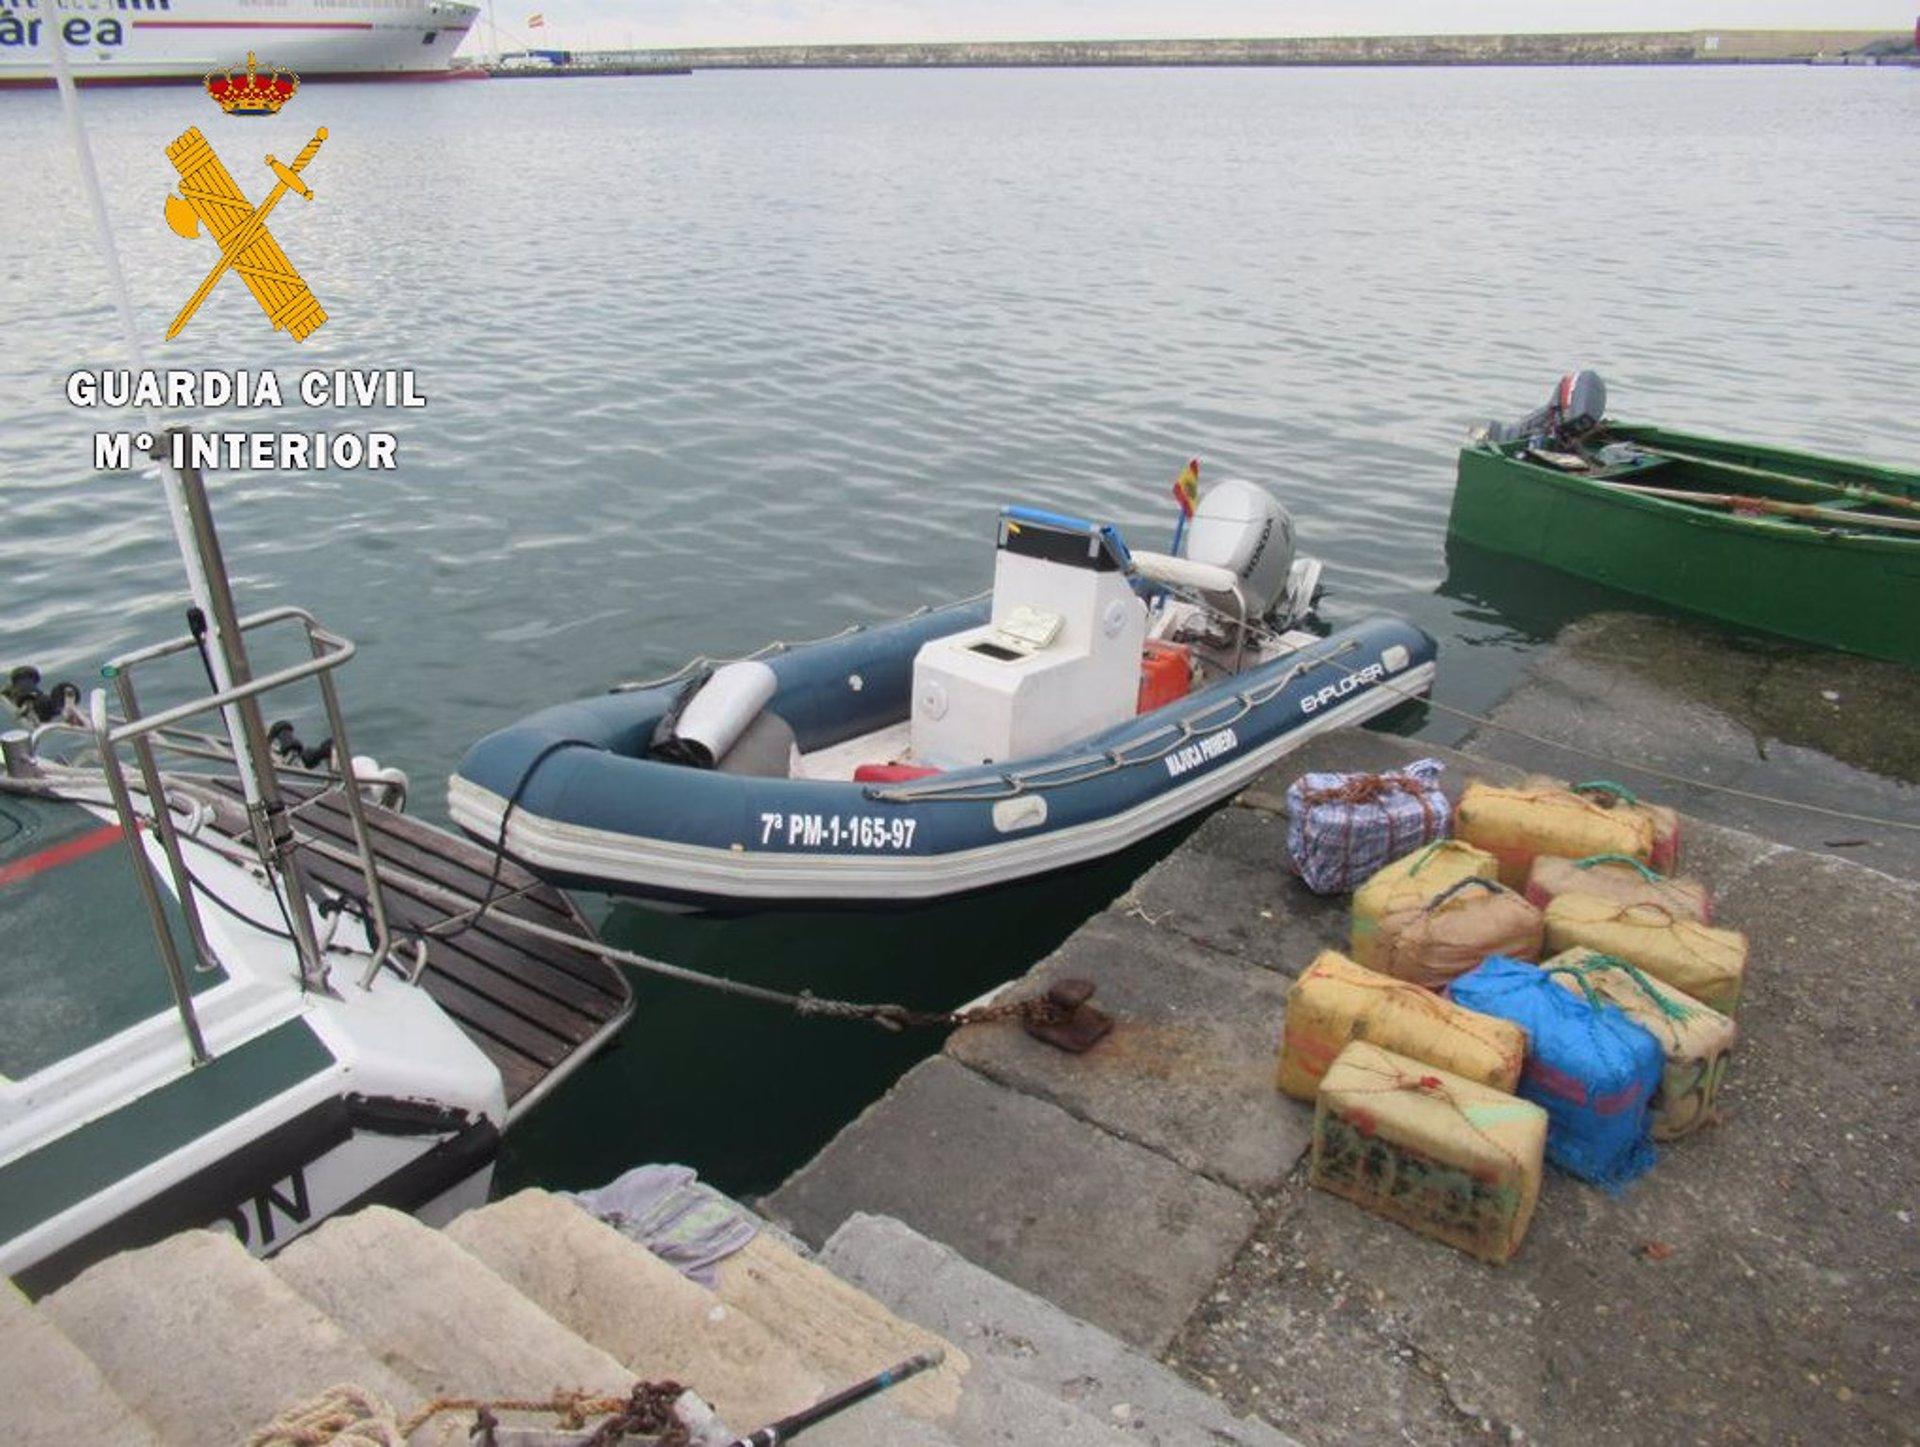 Interceptada una embarcación con 360 kilos de hachís frente al sur del cabo Sacratif